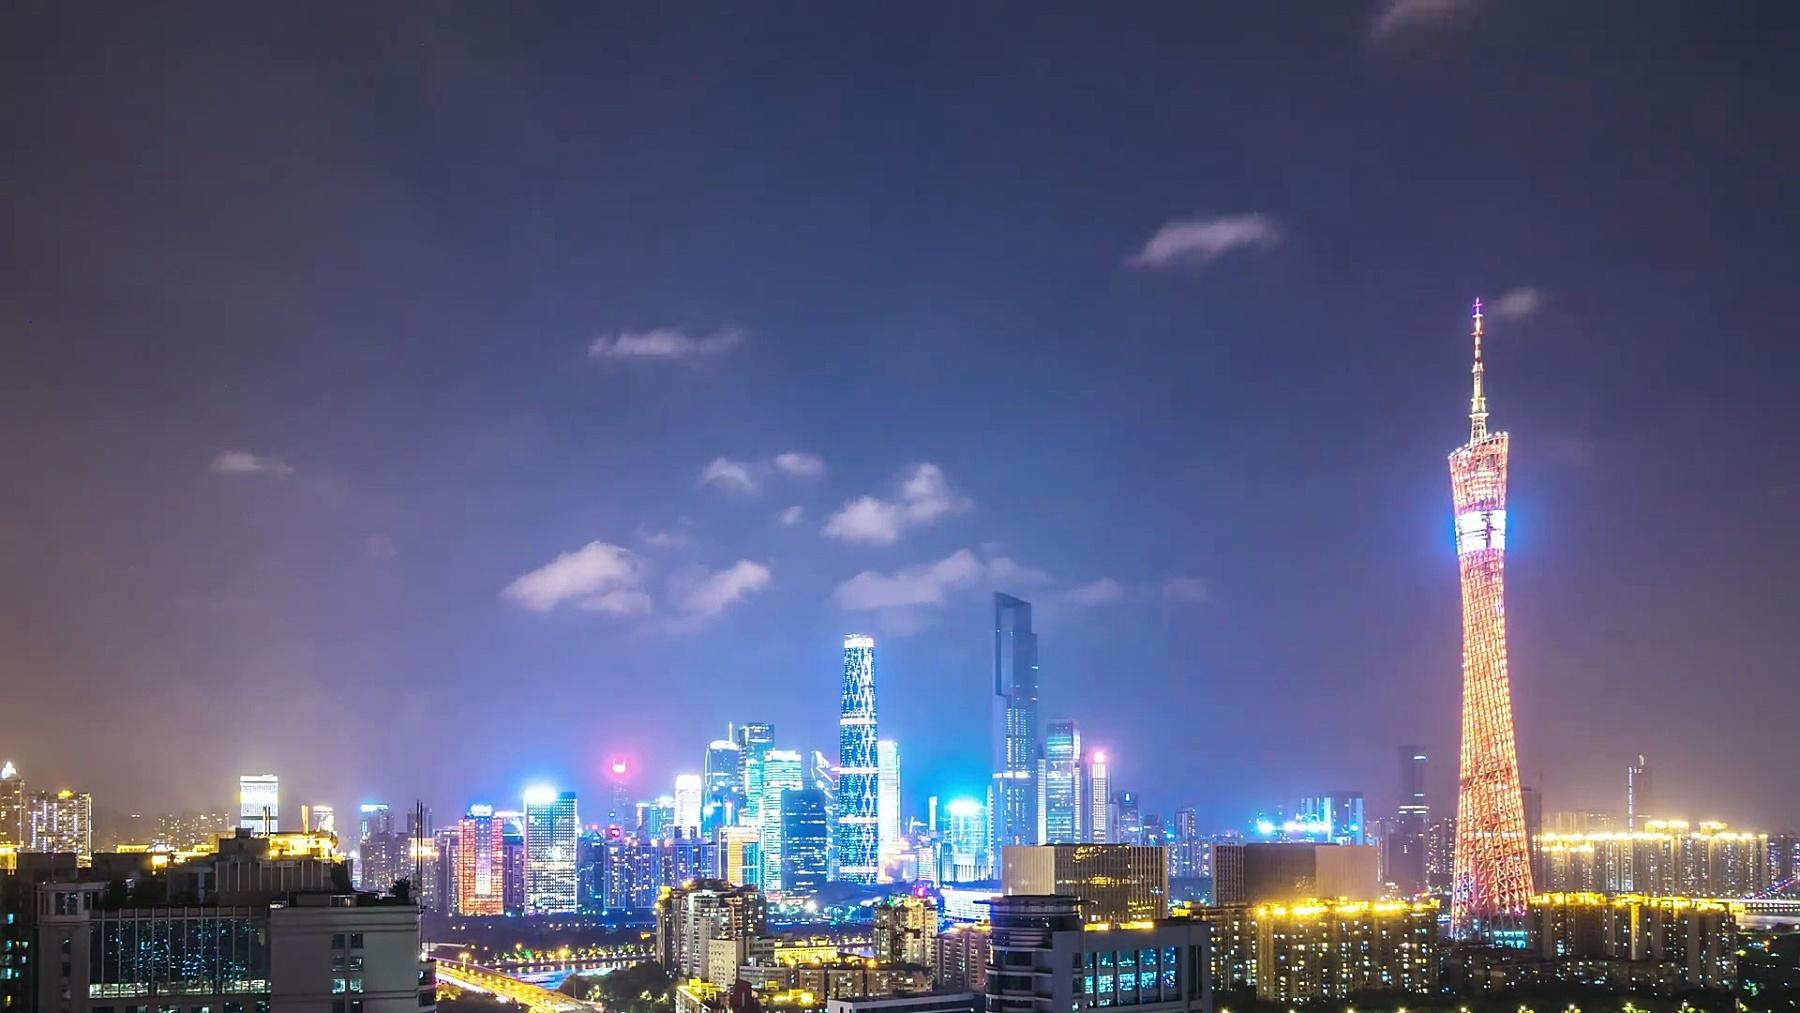 夜里广州塔附近的城市景观和新城市的天际线。时间间隔